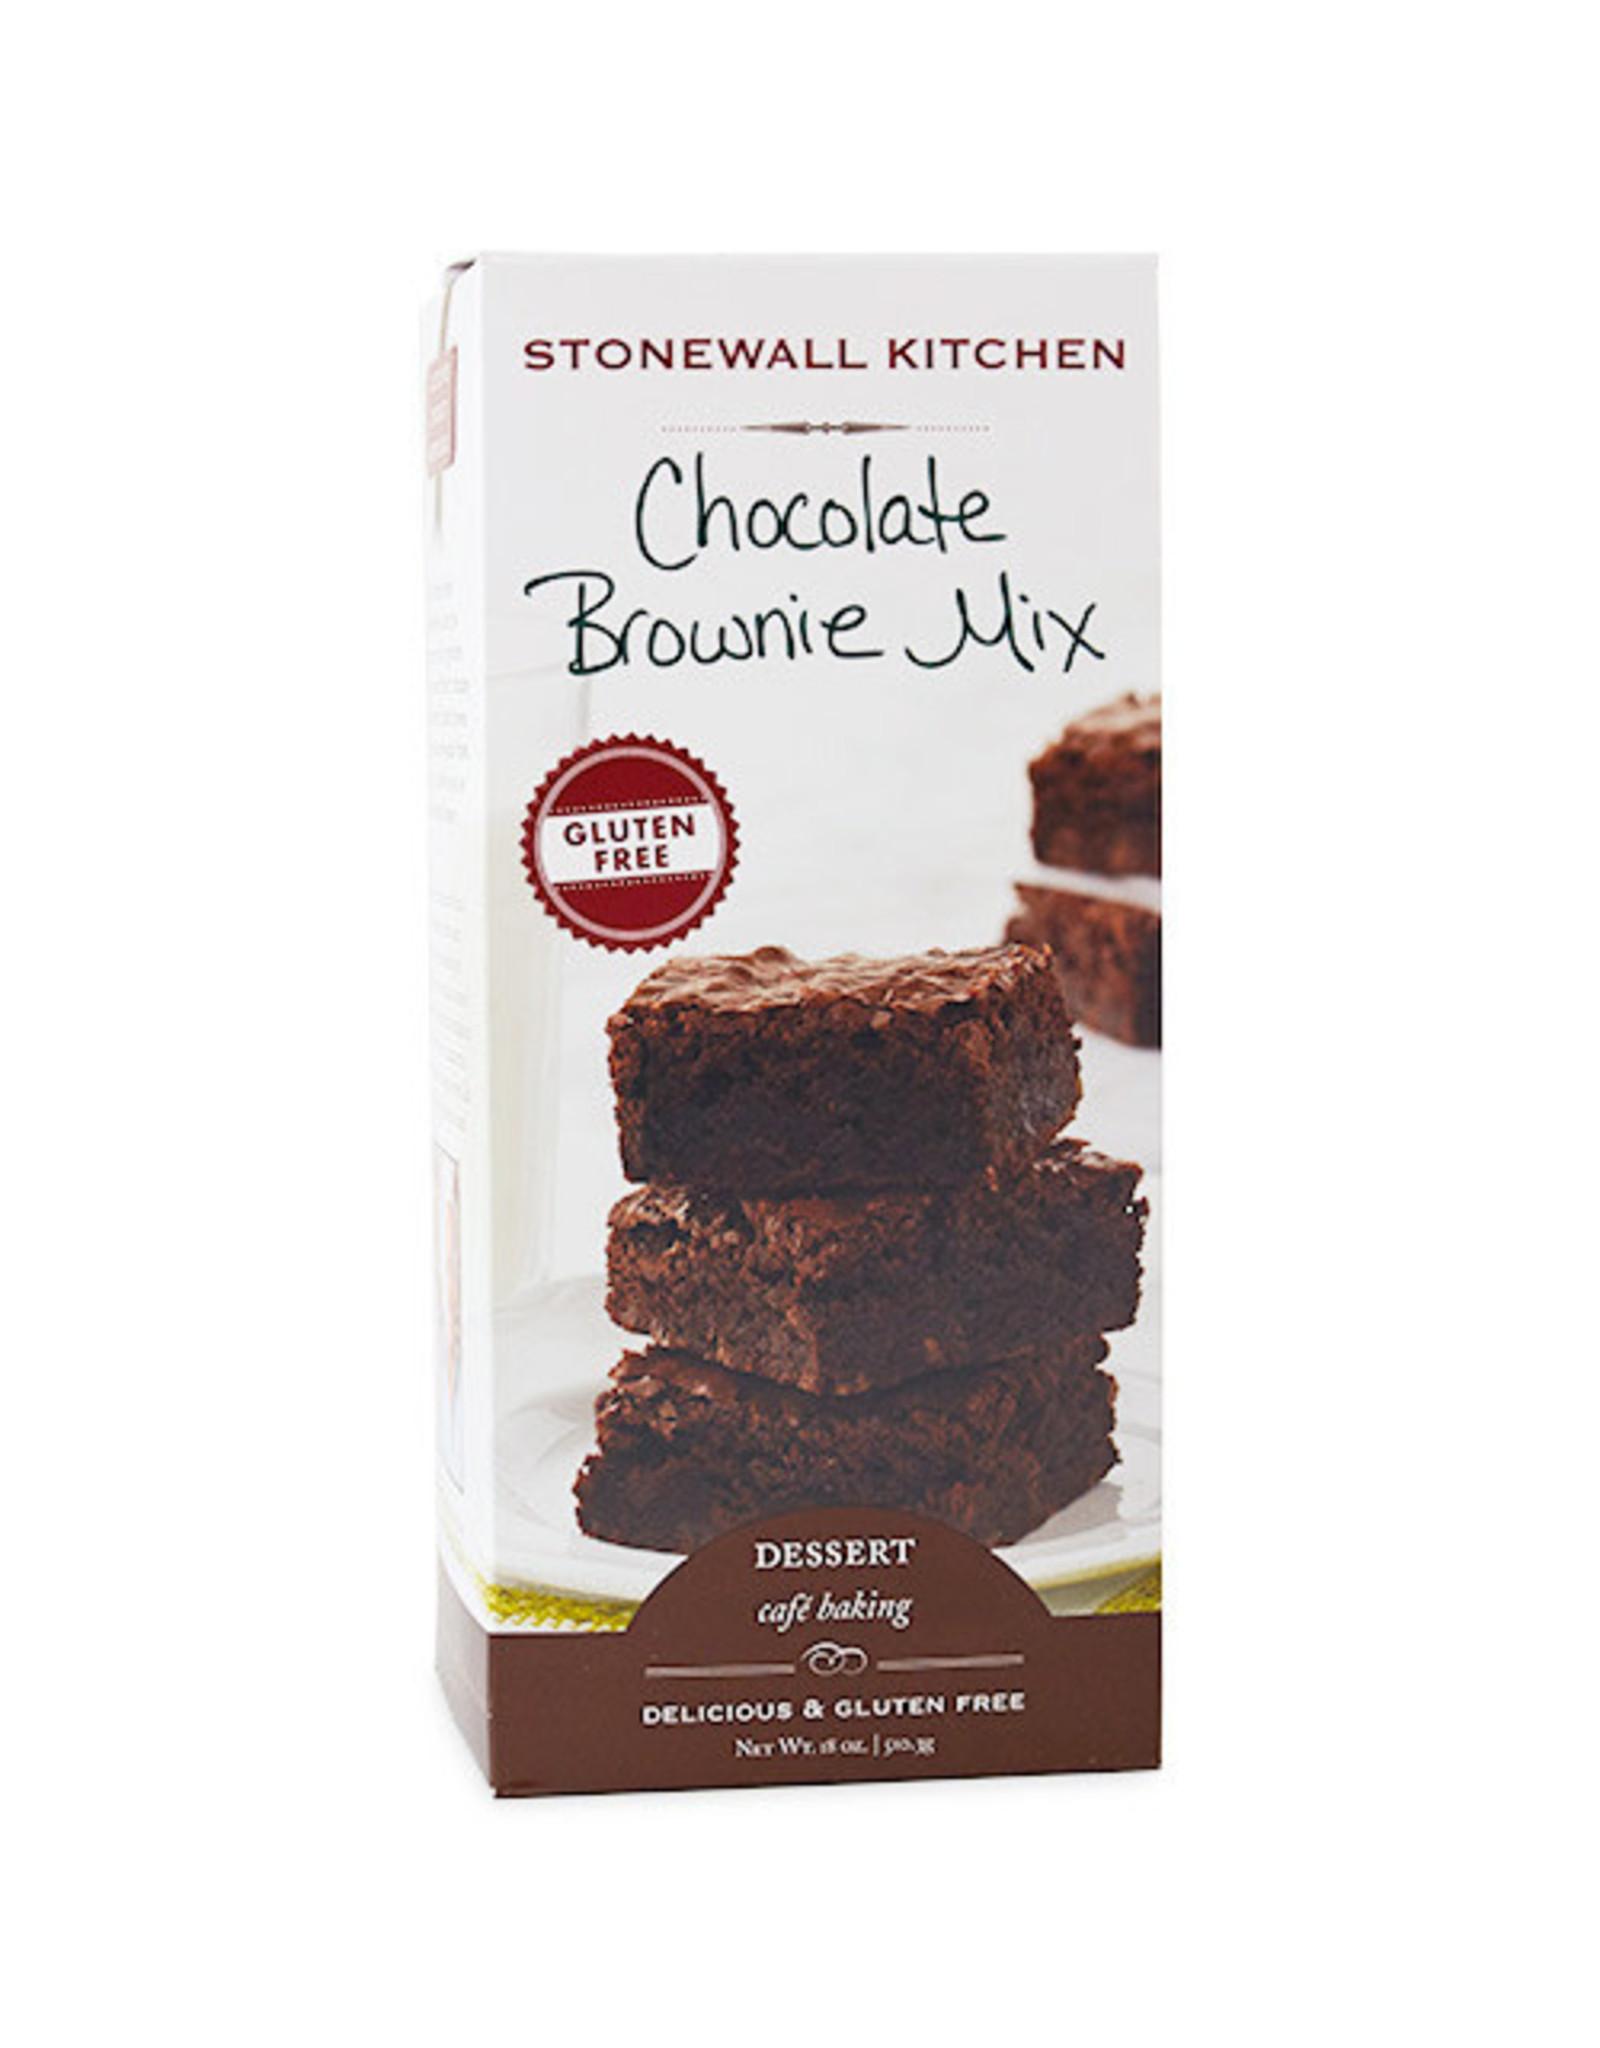 Stonewall Kitchen CHOCOLATE BROWNIE MIX GLUTEN FREE